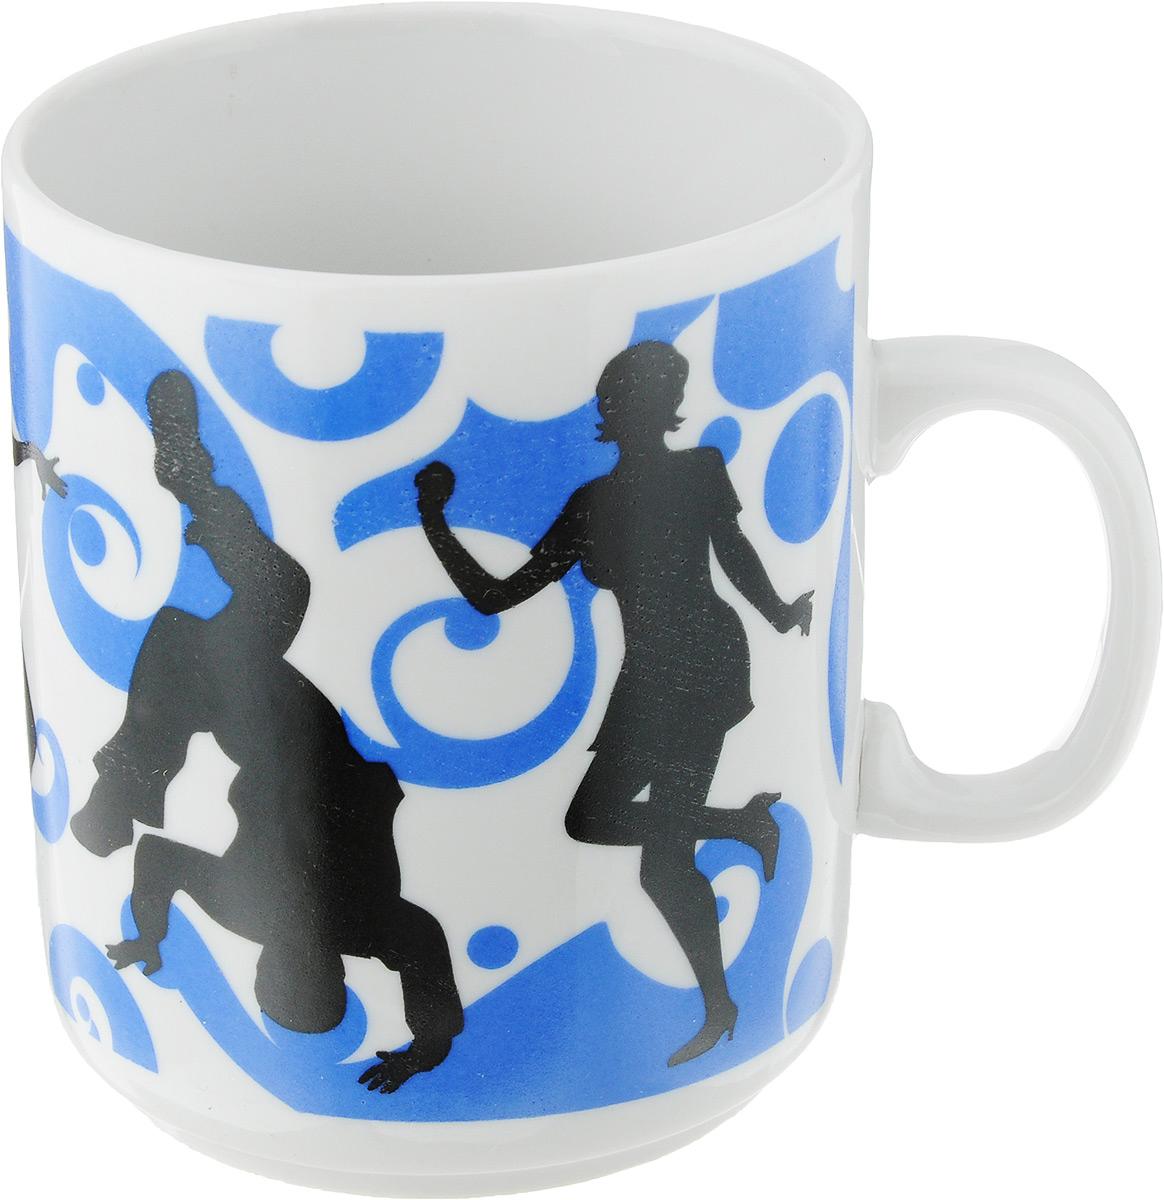 Кружка Фарфор Вербилок Dance, цвет: синий, белый, черный, 300 мл9272060_синий, белый, черныйКружка Фарфор Вербилок Dance способна скрасить любое чаепитие. Изделие выполнено из высококачественного фарфора. Посуда из такого материала позволяет сохранить истинный вкус напитка, а также помогает ему дольше оставаться теплым. Диаметр по верхнему краю: 7,5 см. Высота кружки: 10 см.